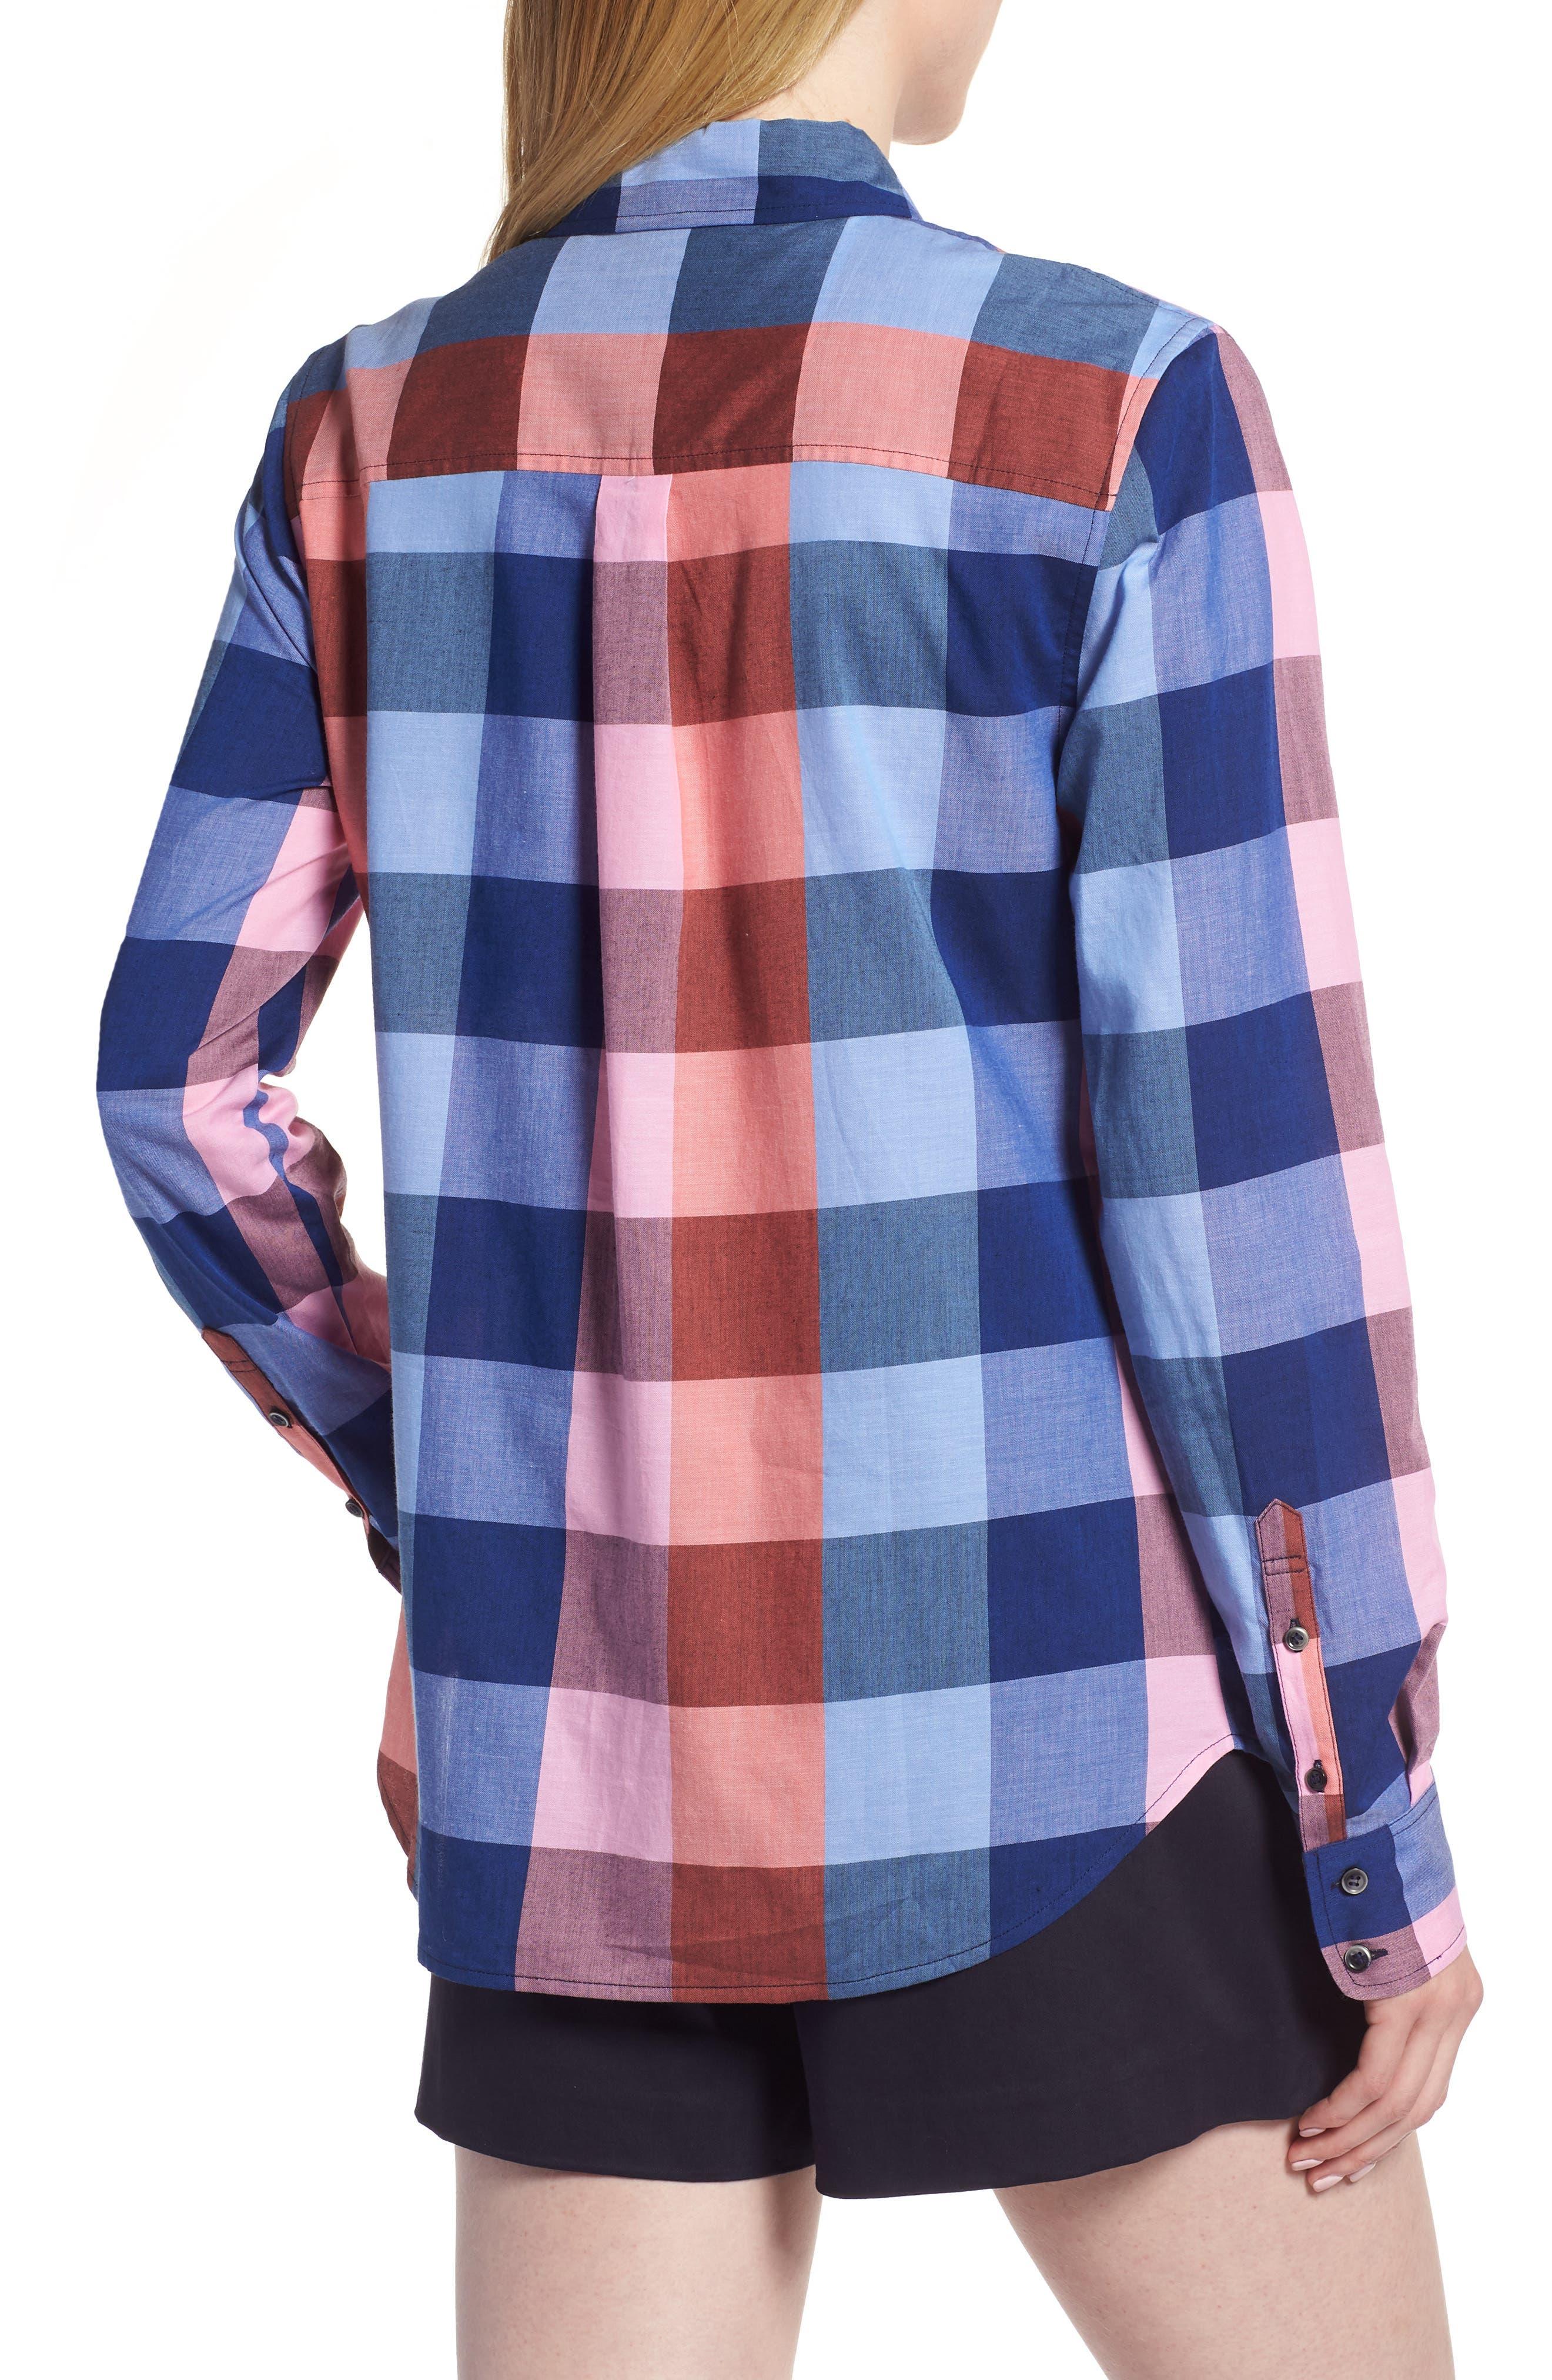 Plaid Cotton Button-Down Shirt,                             Alternate thumbnail 2, color,                             Blue- Pink Plaid